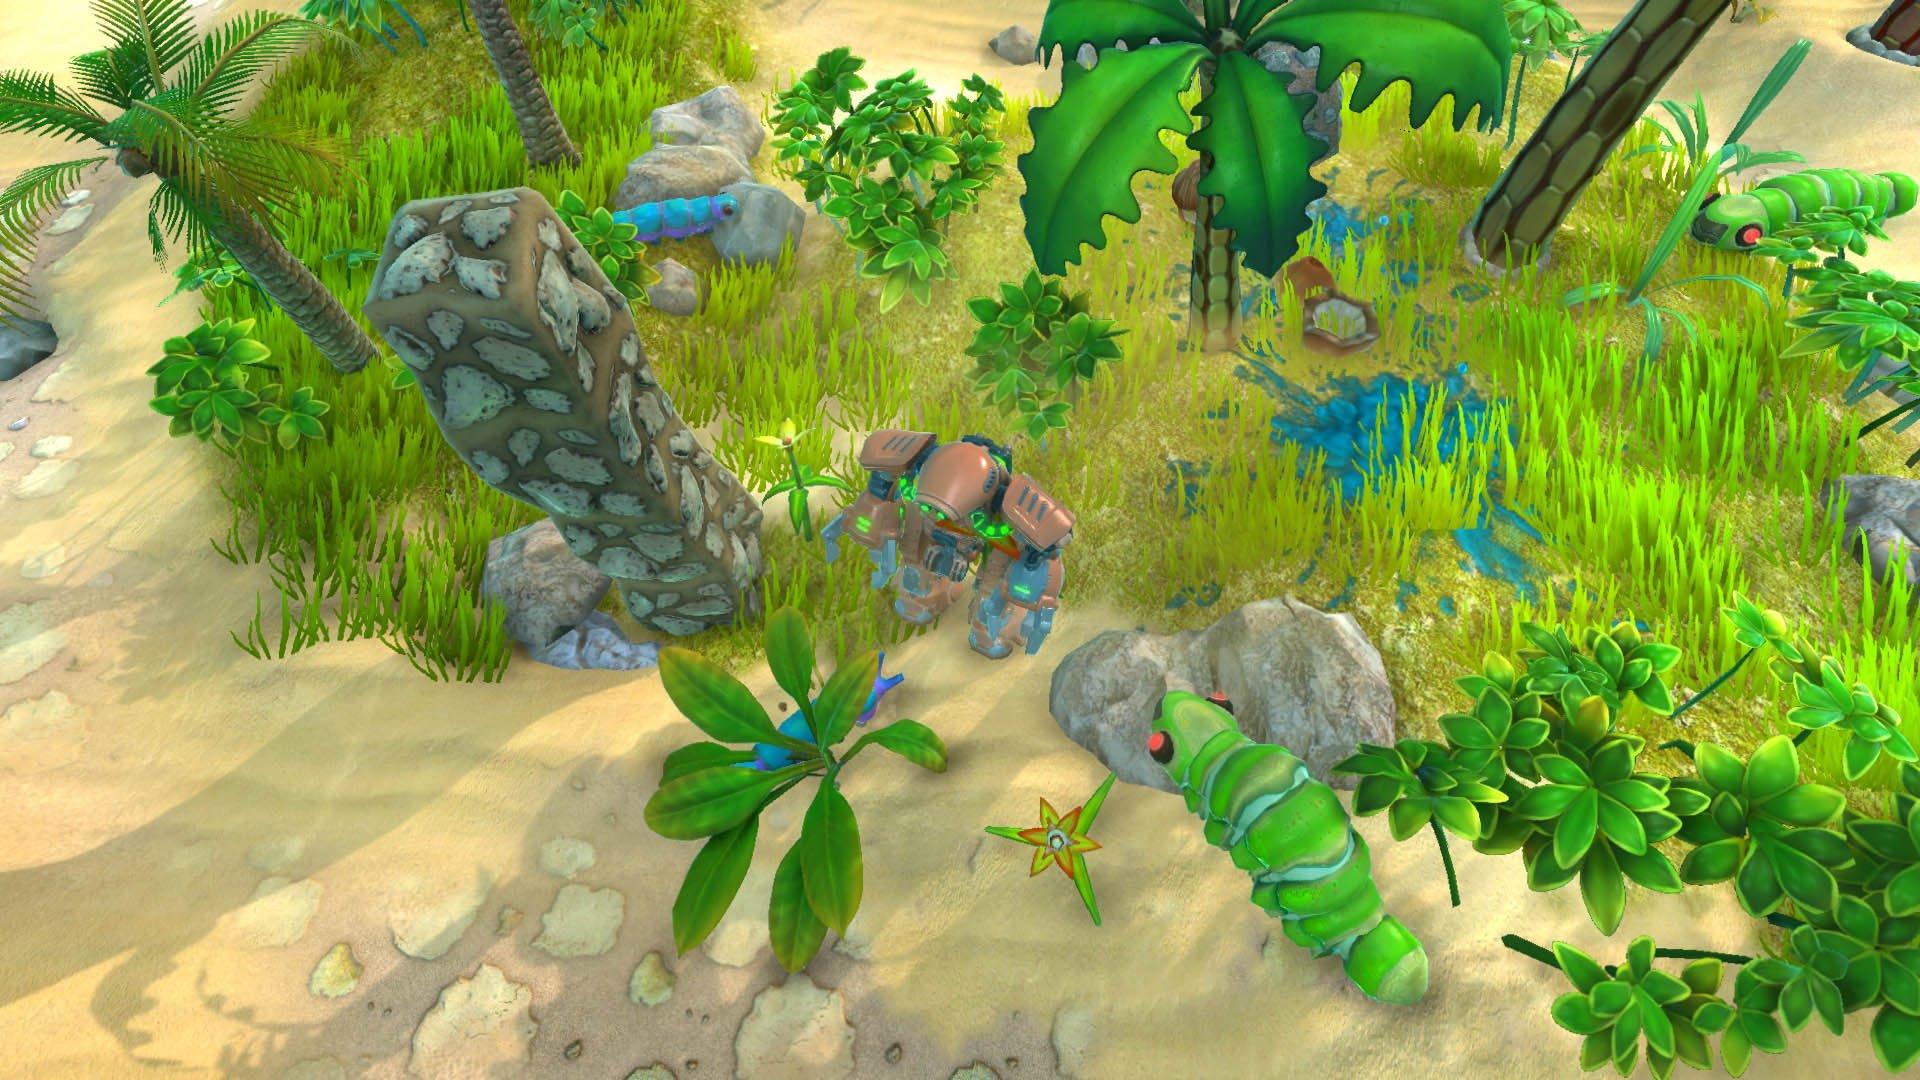 3d аркада Terrarium Land выходит в Steam ! - Изображение 2